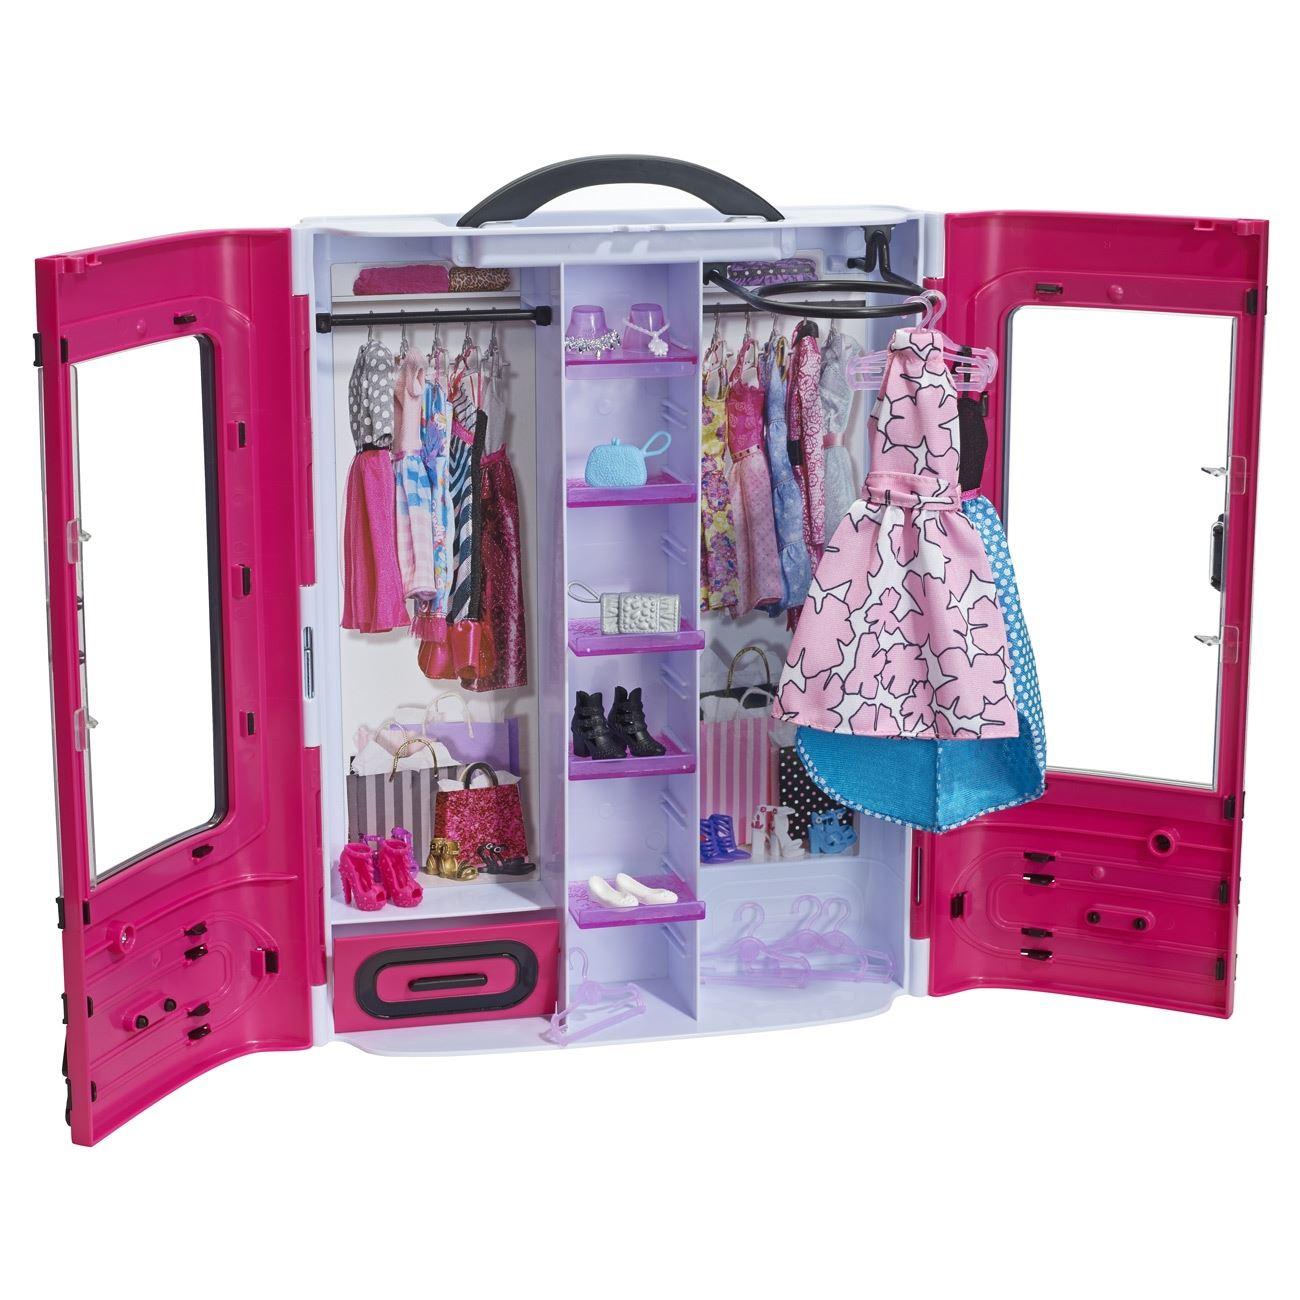 3a1e6a5274ed Ντουλάπα BARBIE Fashion - Mattel < Barbie Έπιπλα | Jumbo